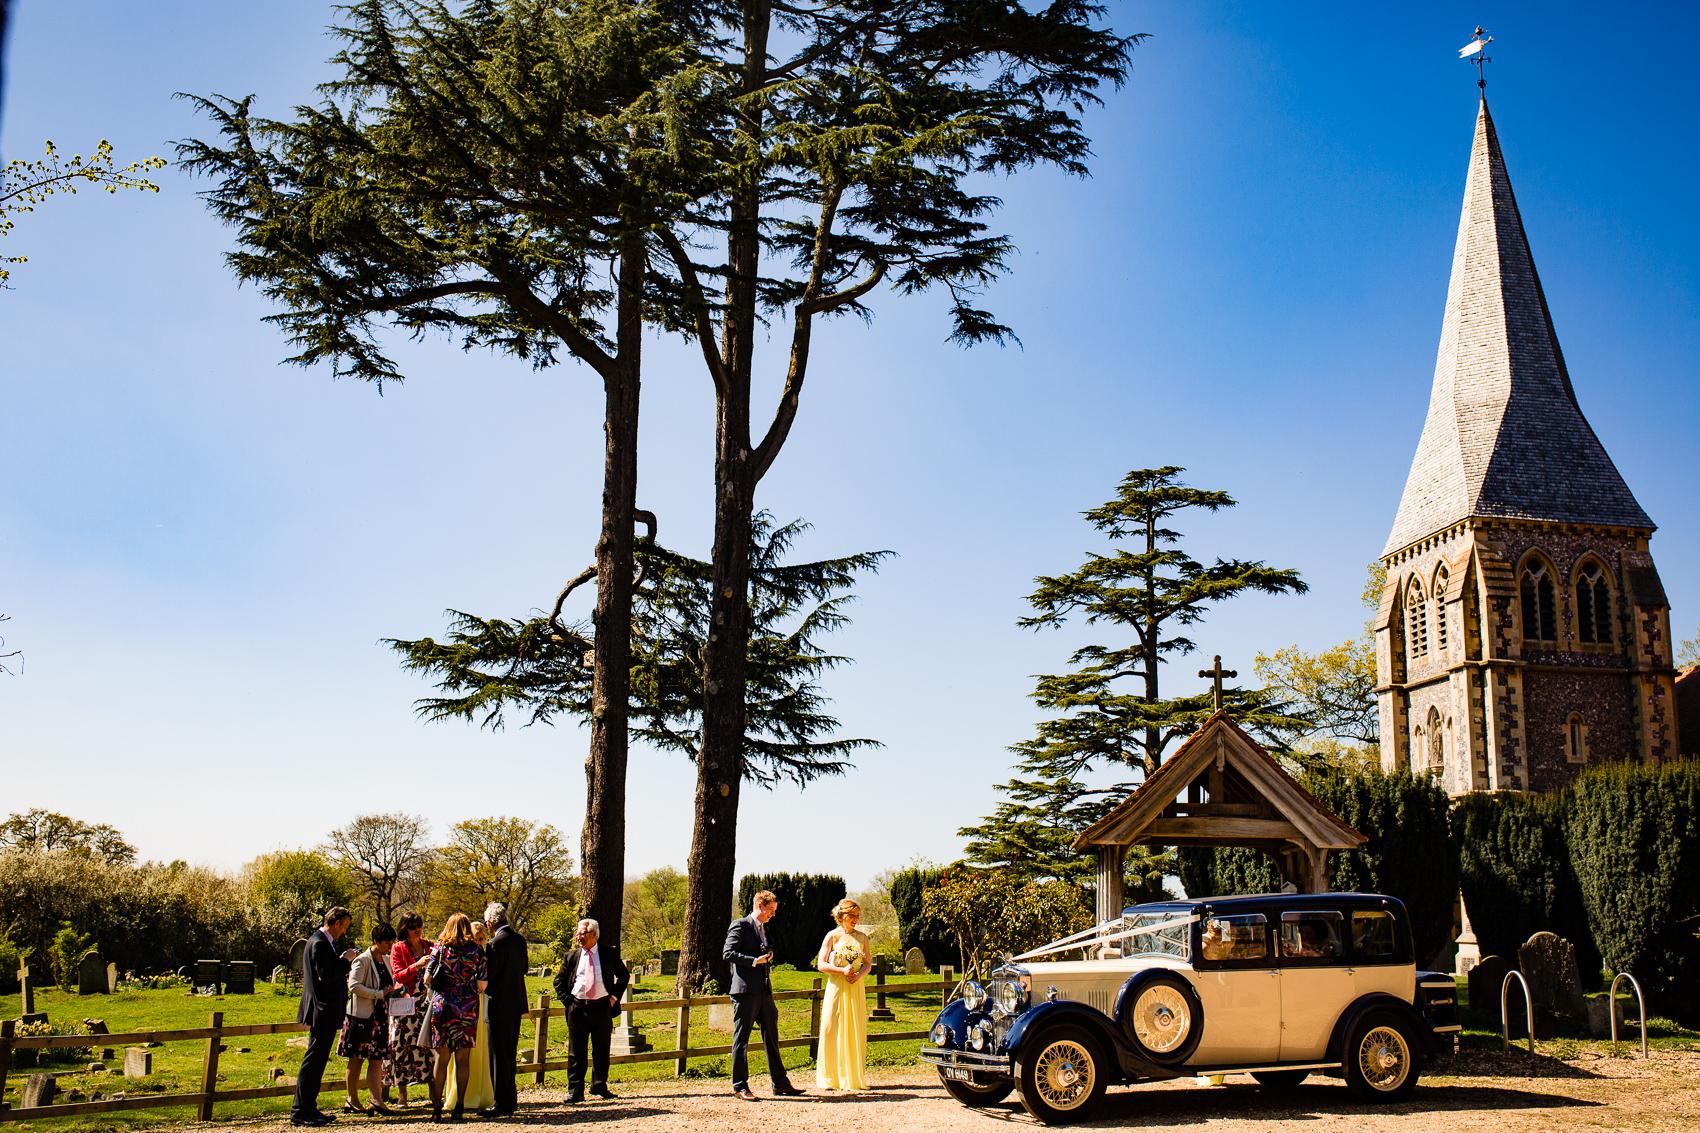 wedding car at church wedding